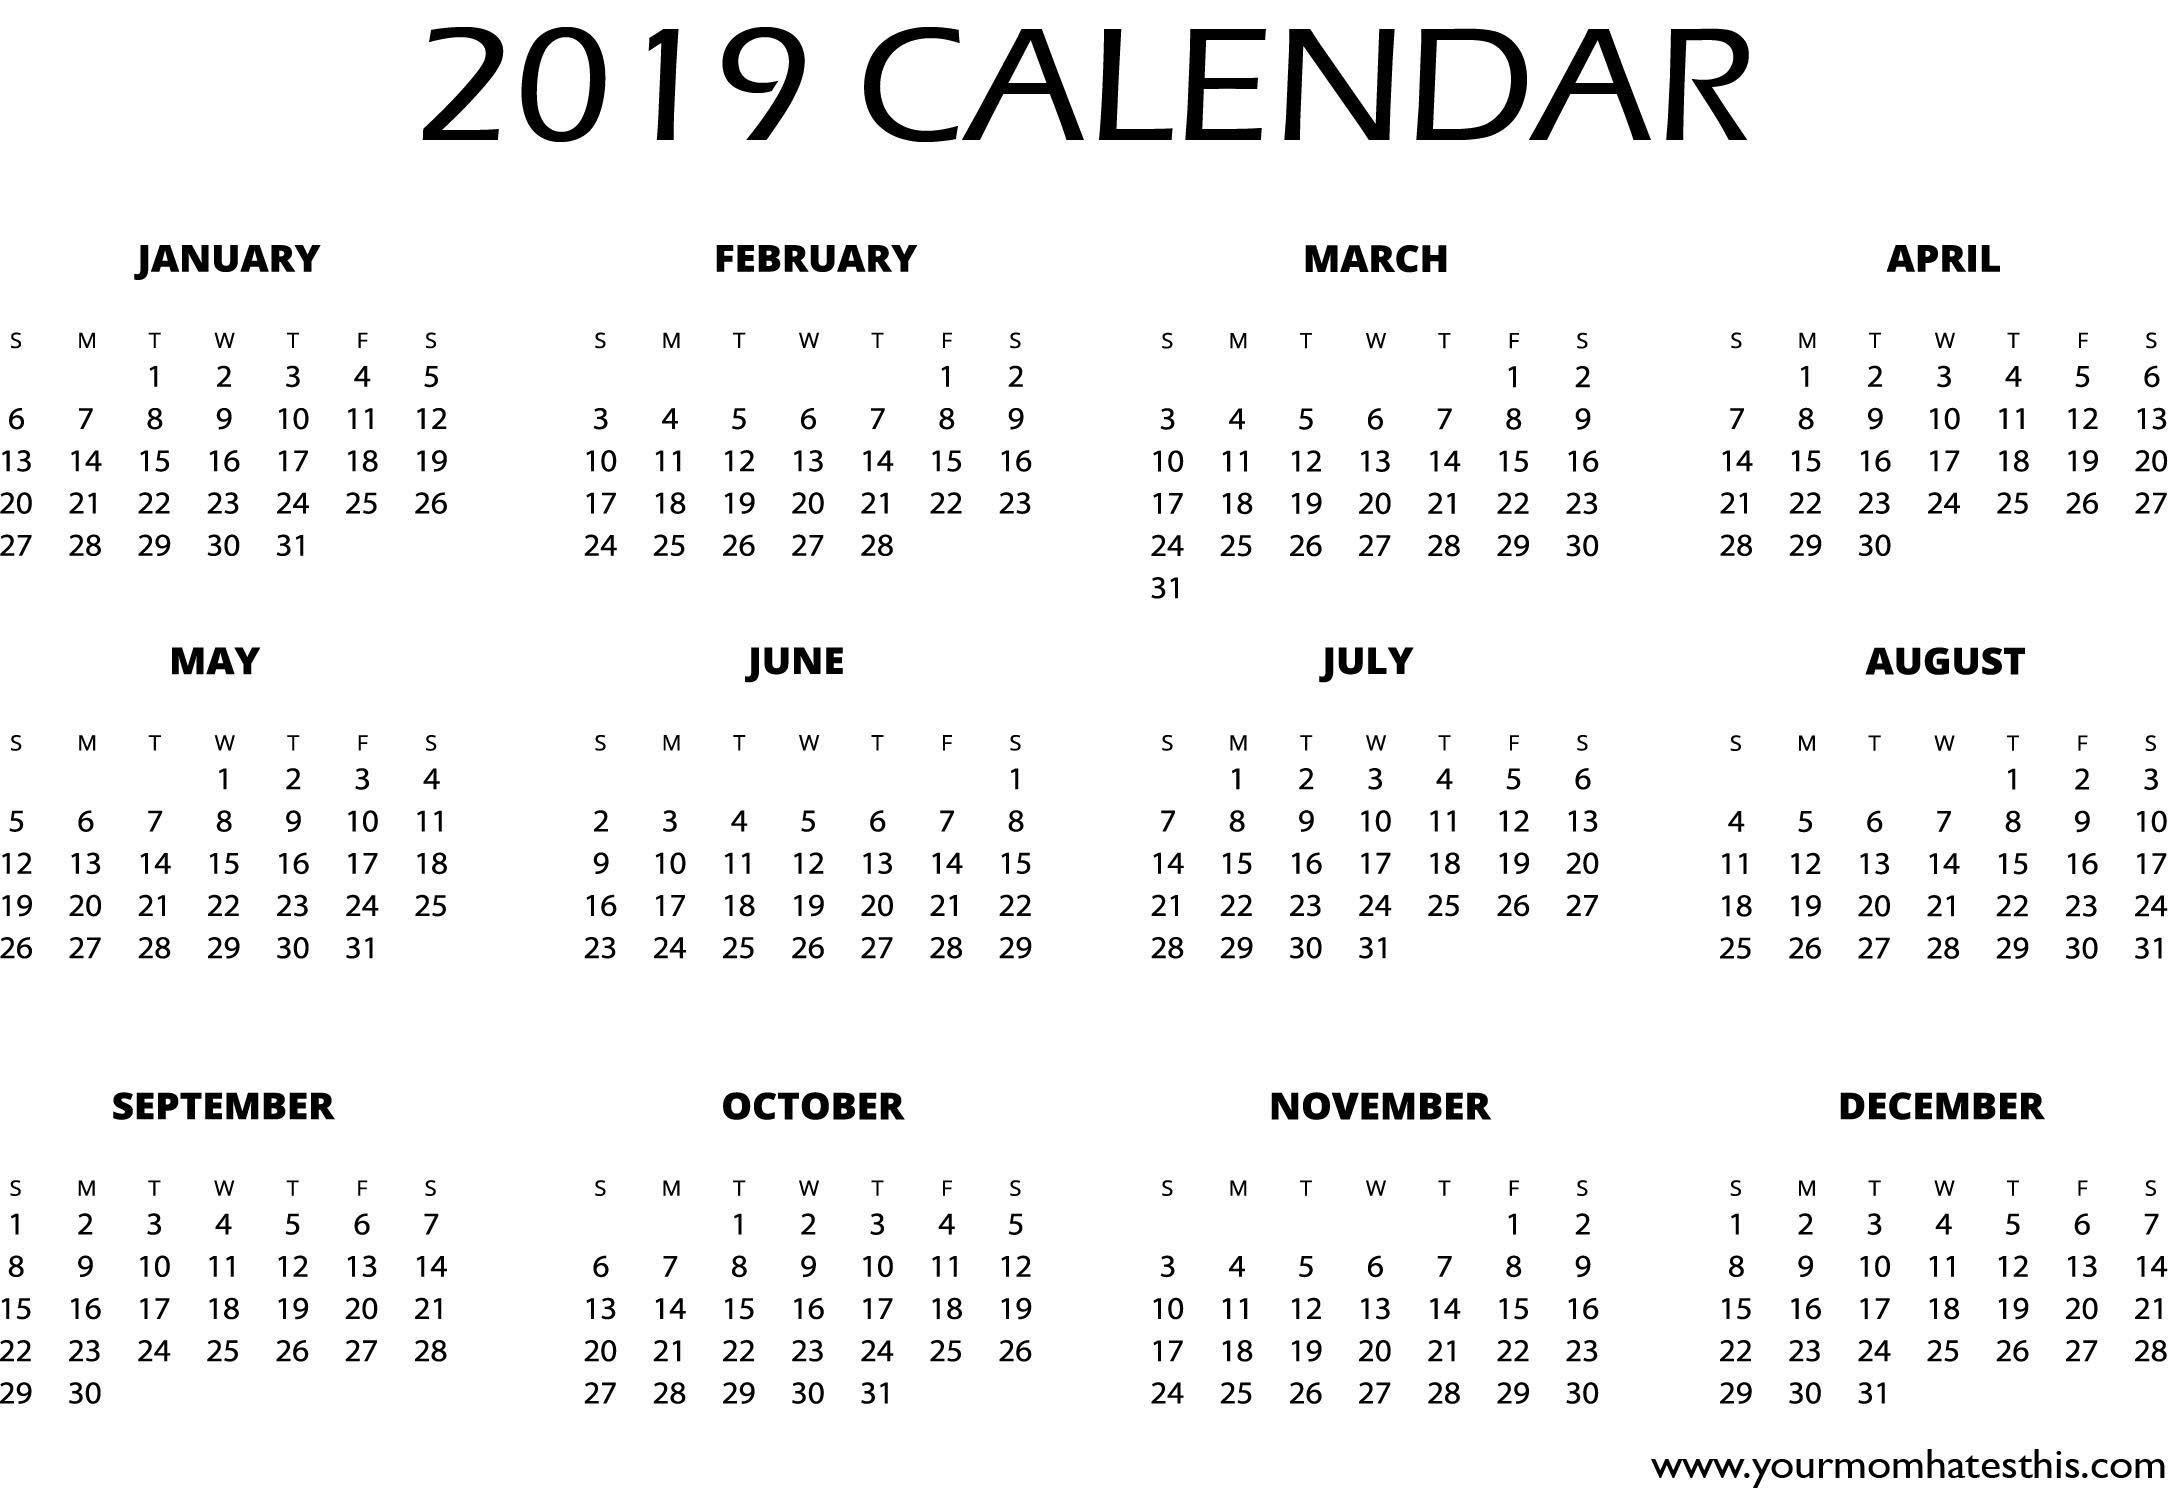 Calendar Design 2019 Calendar Design Ideas Calendar Design Layout